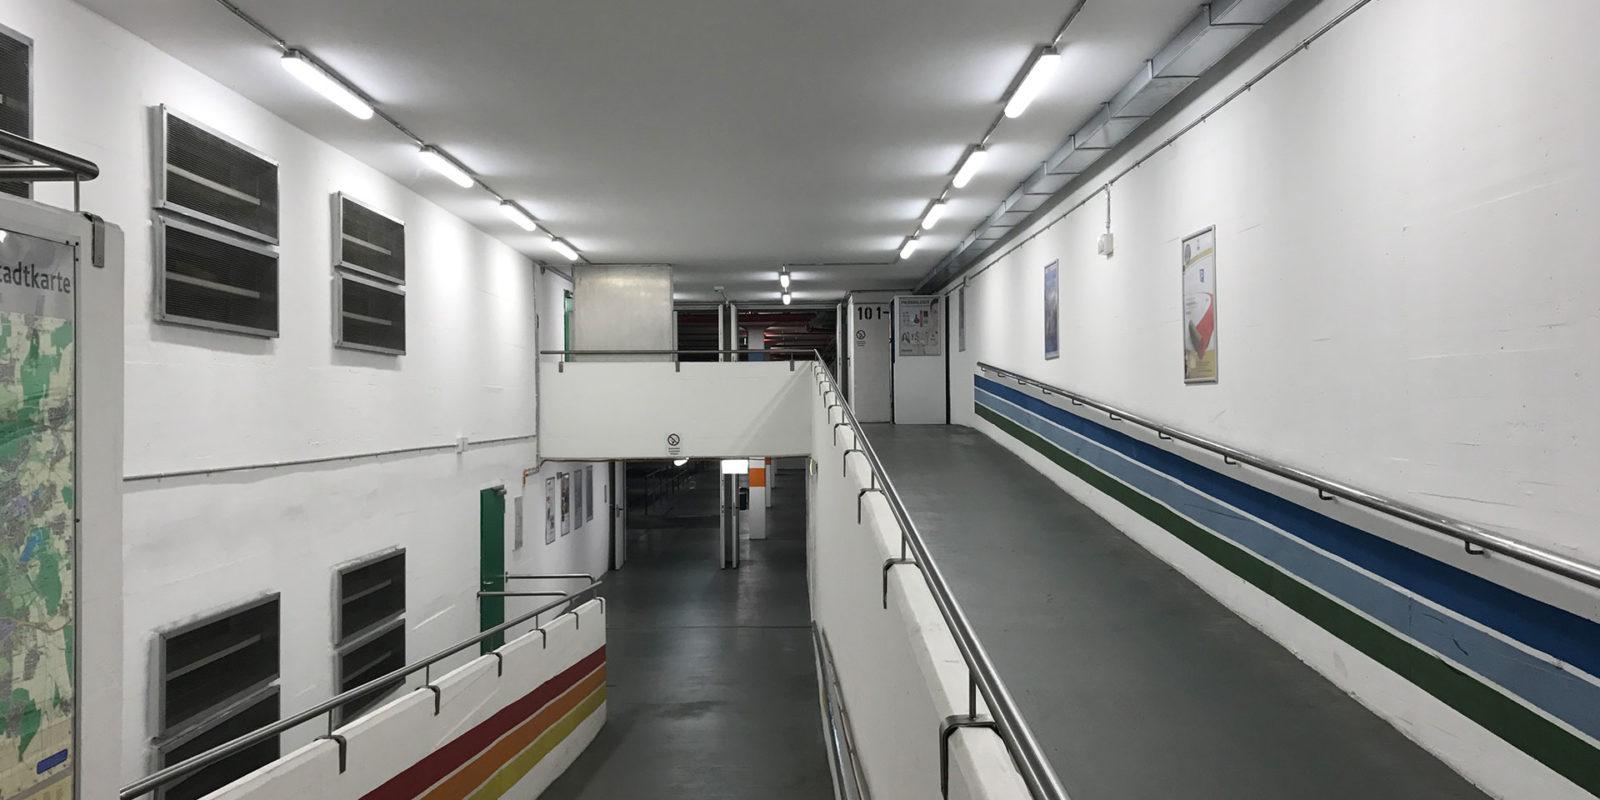 Tiefgarage Magni Braunschweig